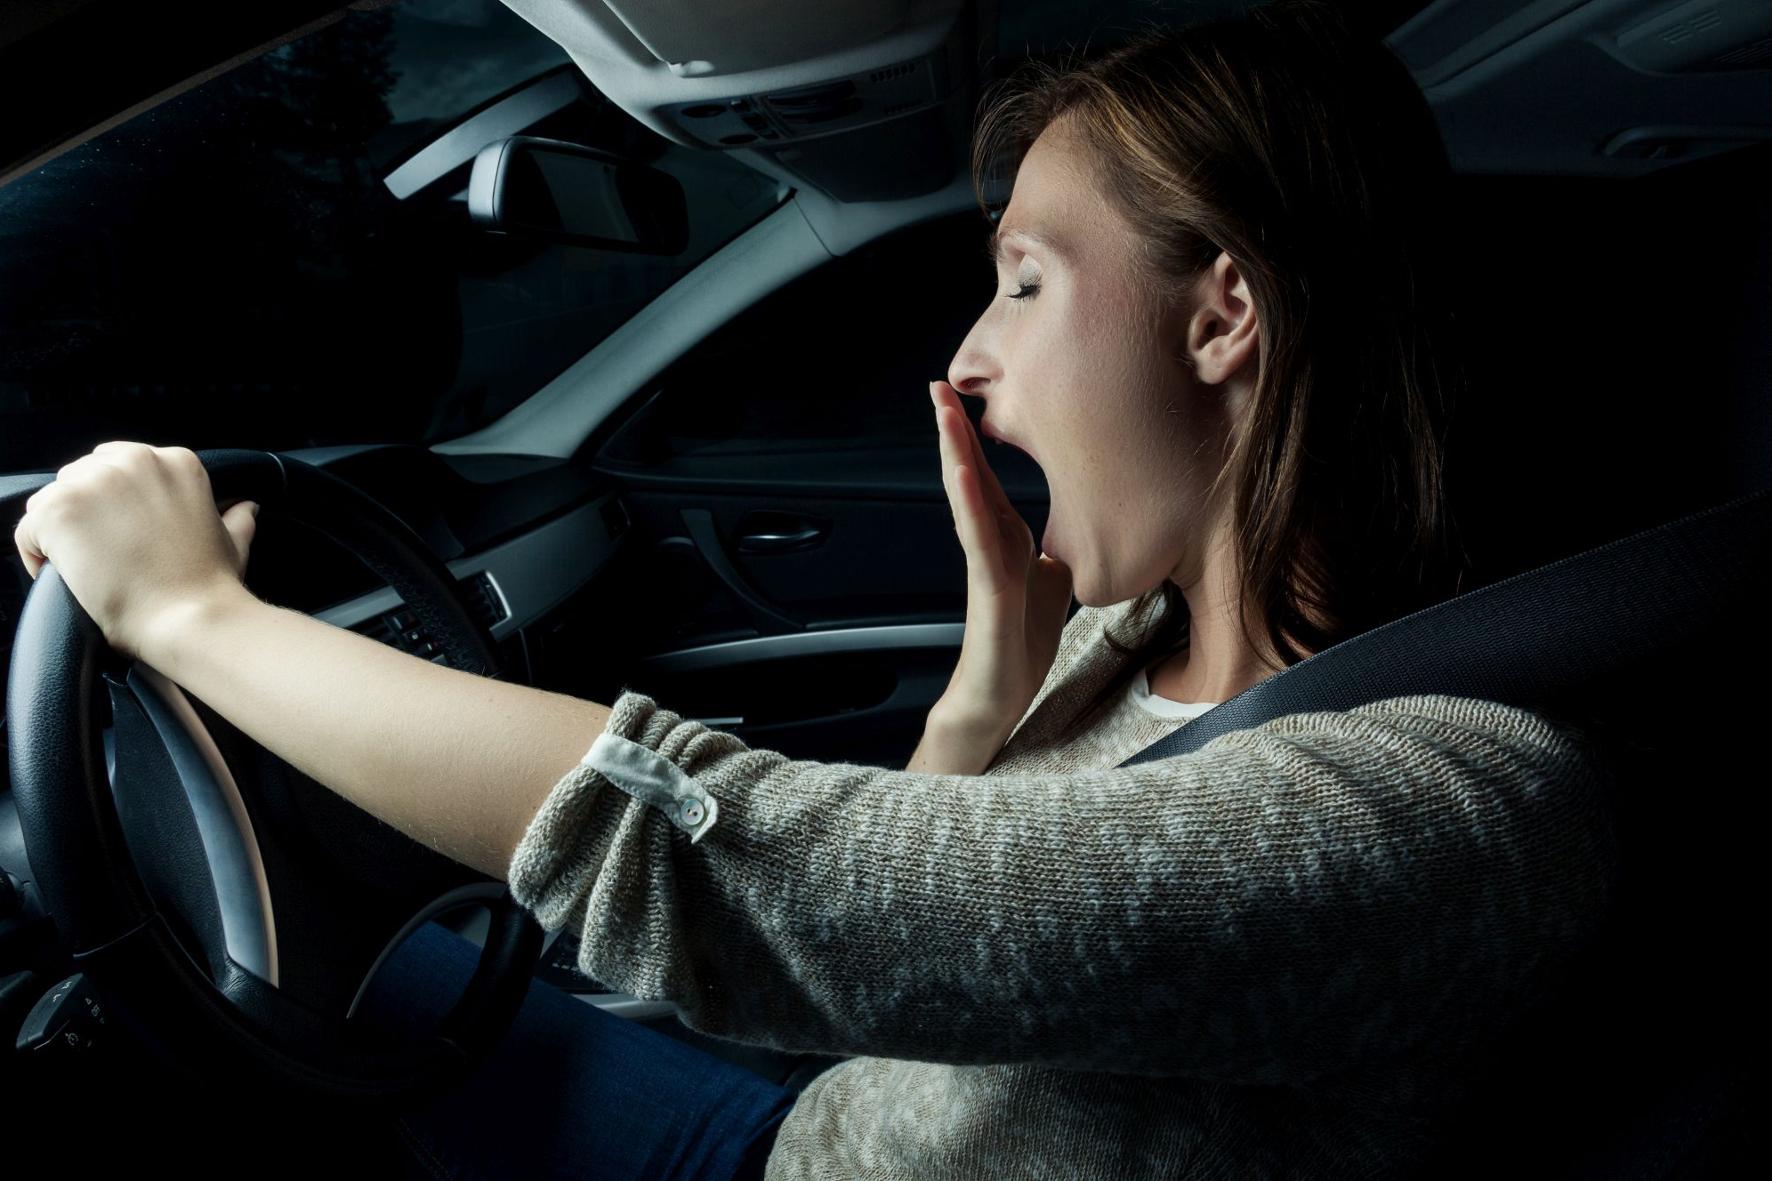 Nachtfahrten bereiten Frauen laut einer aktuellen Umfrage deutlich größere Probleme als Männern. © CosmosDirekt /TRD mobil